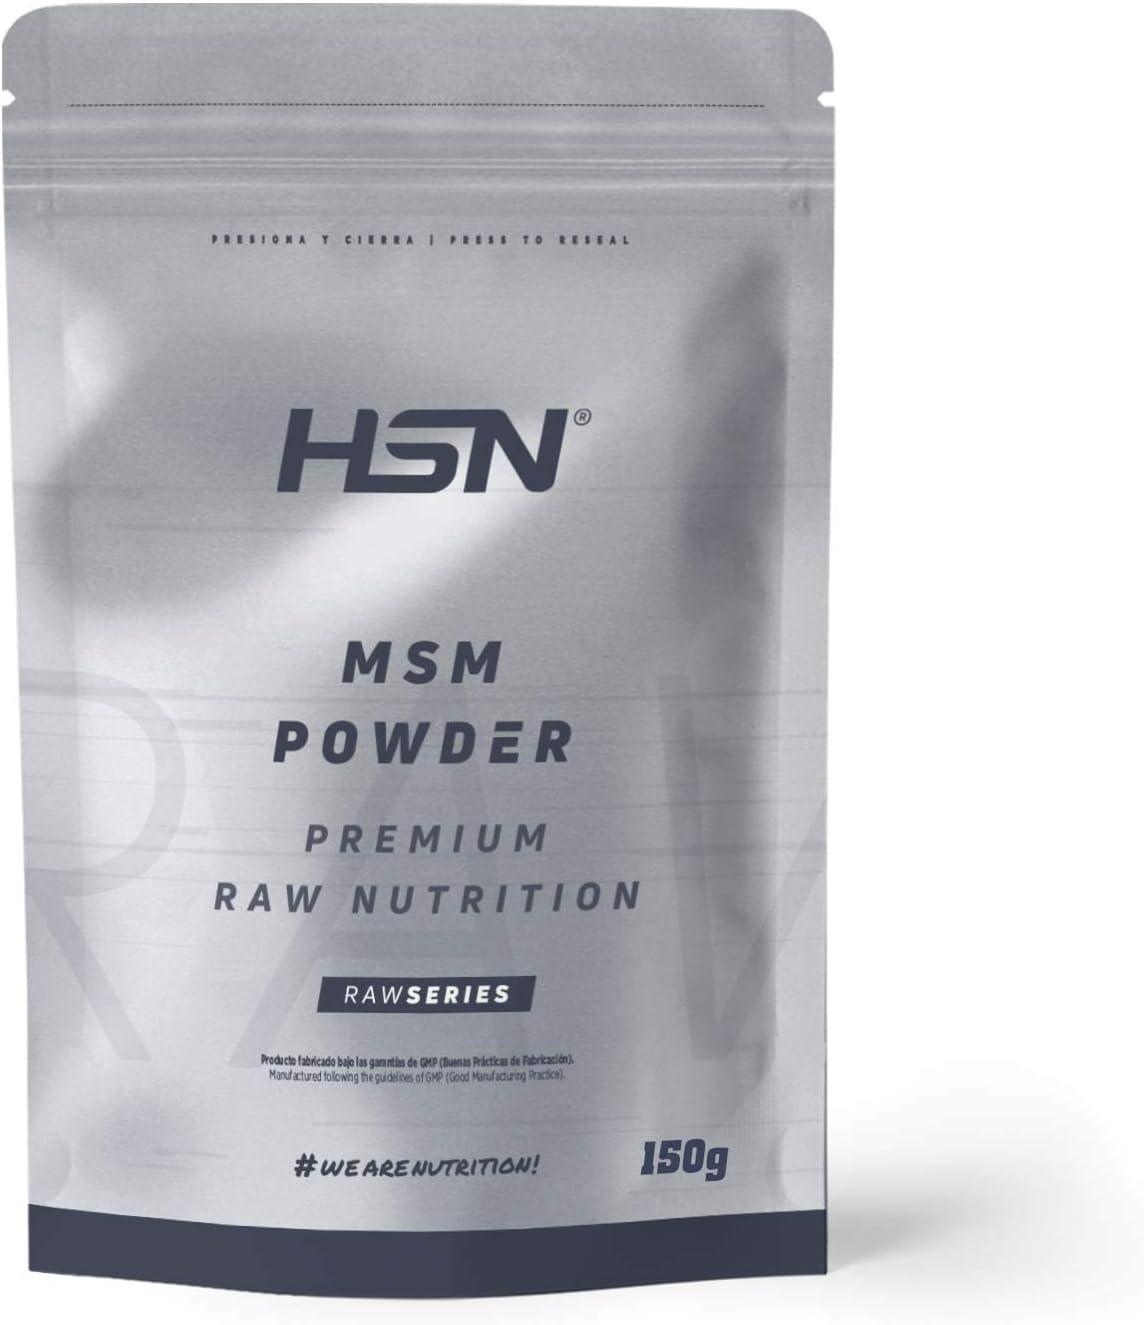 MSM en Polvo de HSN | MetilSulfonilMetano | Salud para los Huesos y Articulaciones | Forma biodisponible de azufre en polvo | Vegano, Sin Gluten, Sin Lactosa, 150g